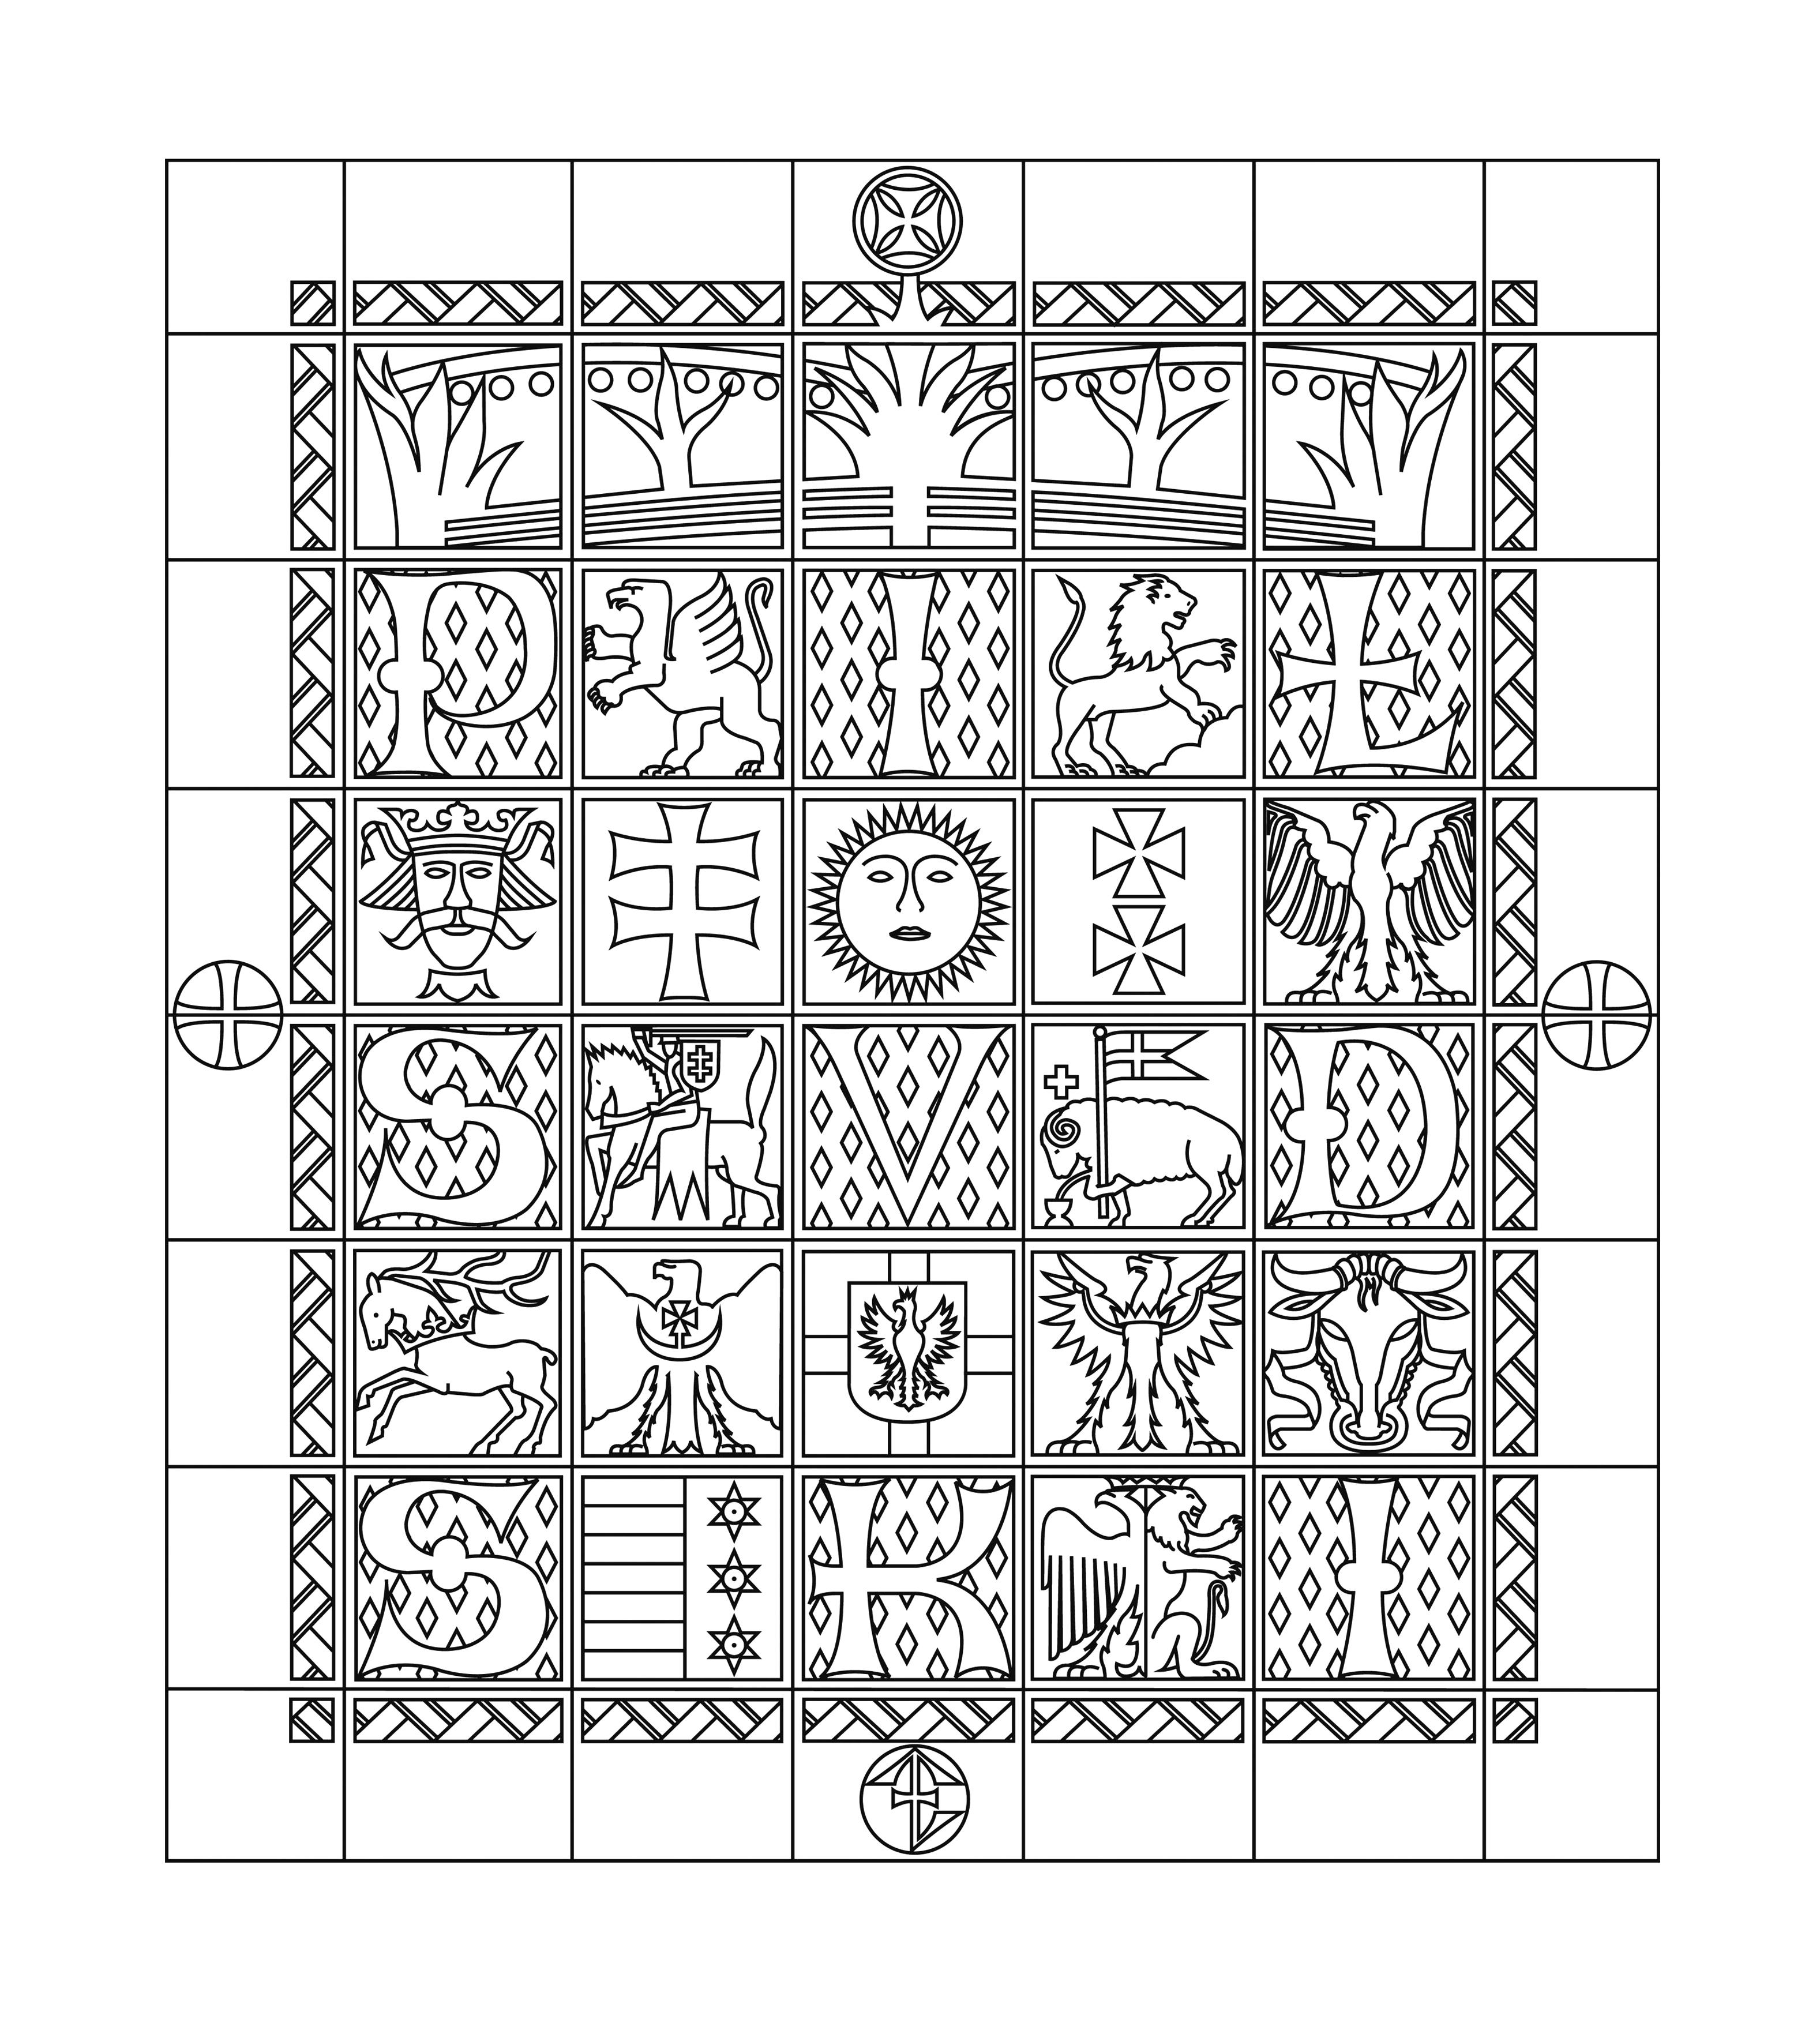 """Jakub Woynarowski, diagram napodstawie rysunku Adolfa Szyszko-Bohusza (1937), fragment projektu """"Figury niemożliwe"""", 14. Międzynarodowa Wystawa Architektury wWenecji, 2014"""